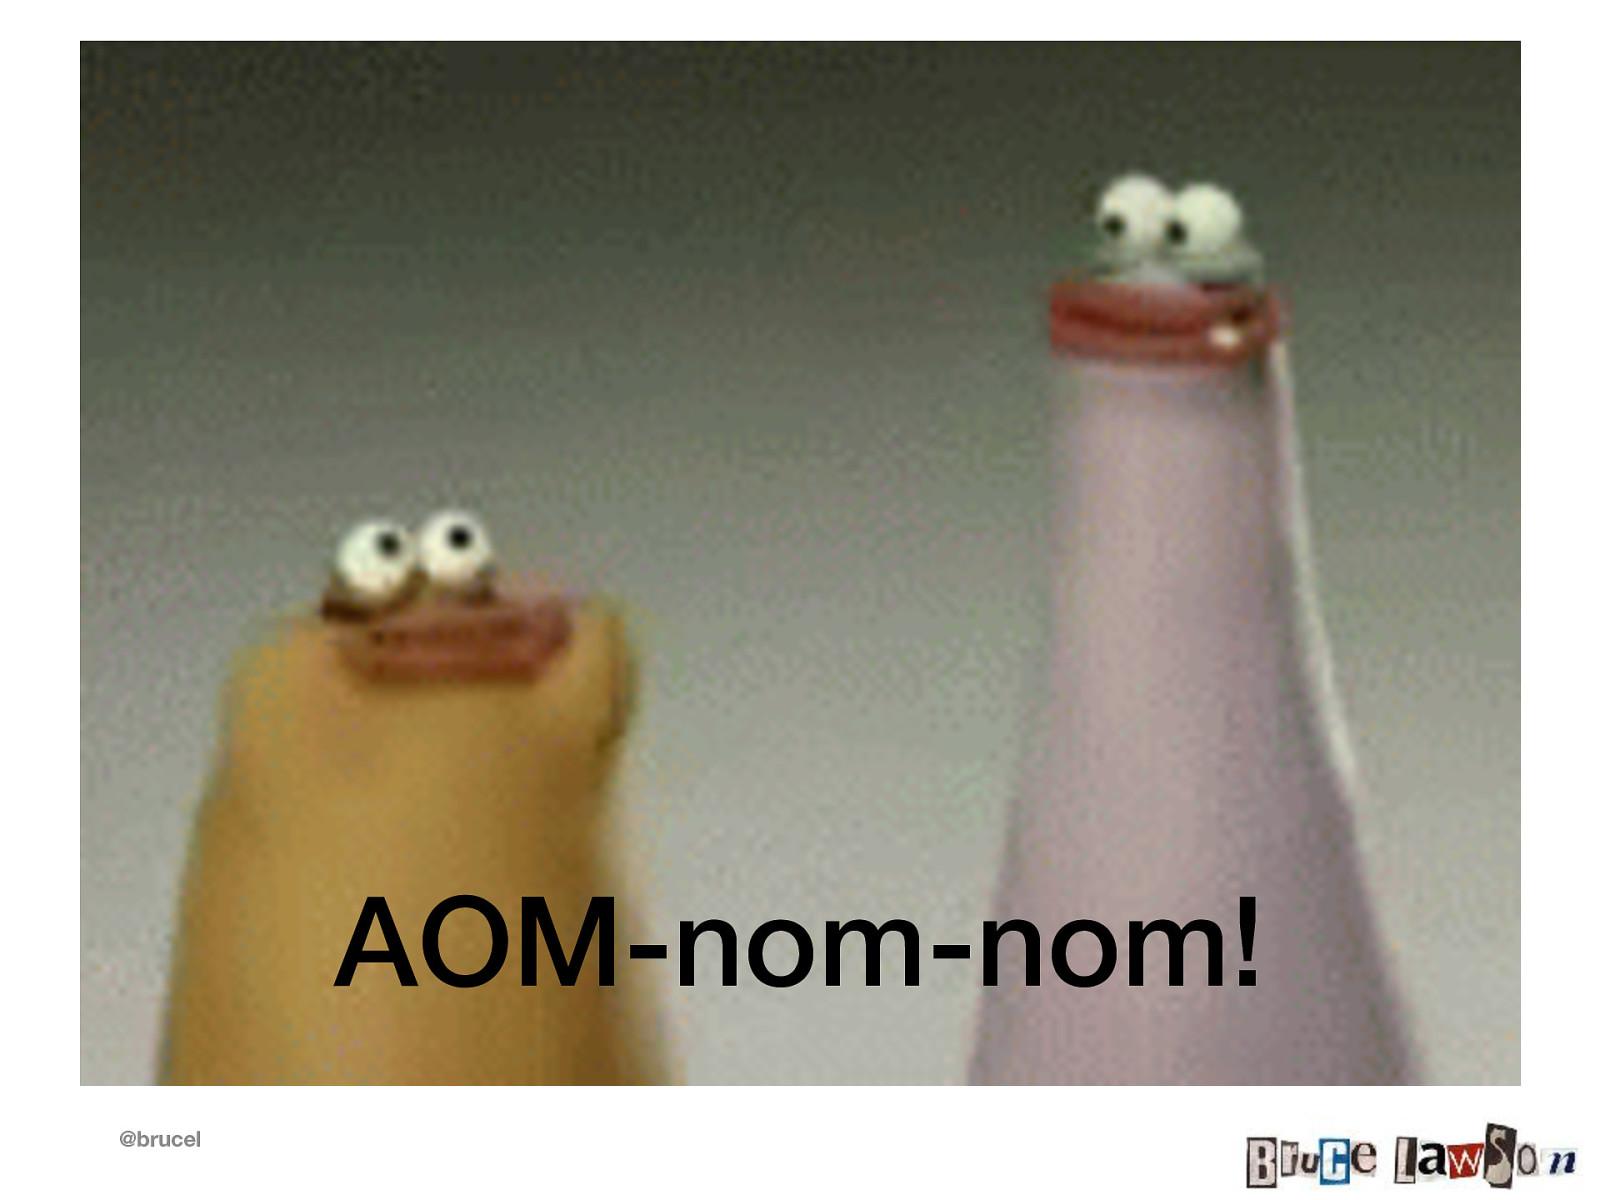 AOM-nom-nom